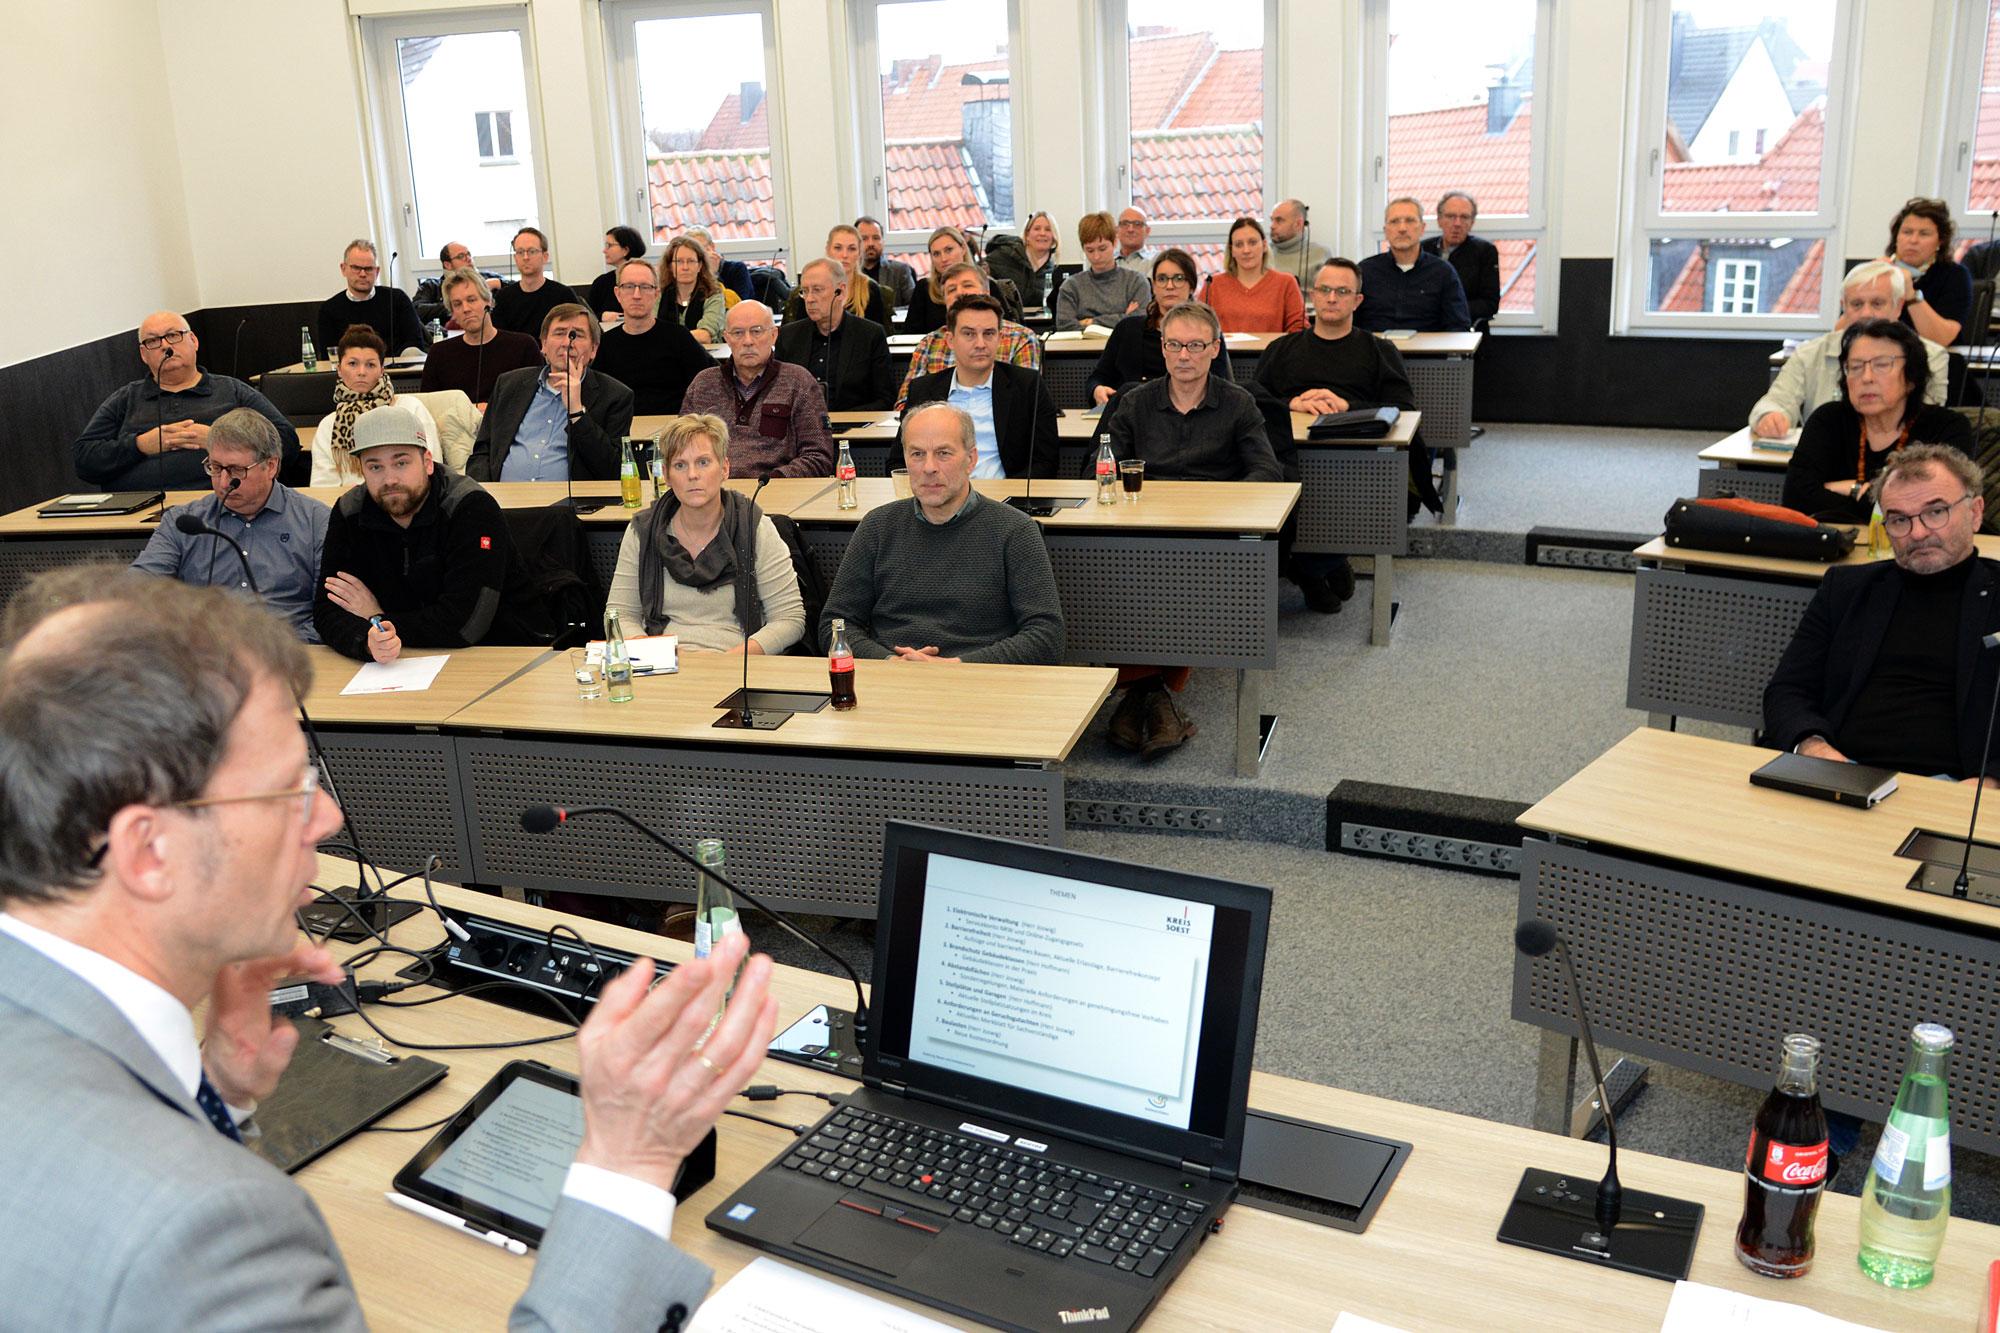 Michael Joswig, Abteilungsleiter Bauen und Immissionsschutz, begrüßte im Sitzungssaal des Kreishauses fast 70 Architekten und Bauingenieure. (Foto: Kreis Soest)